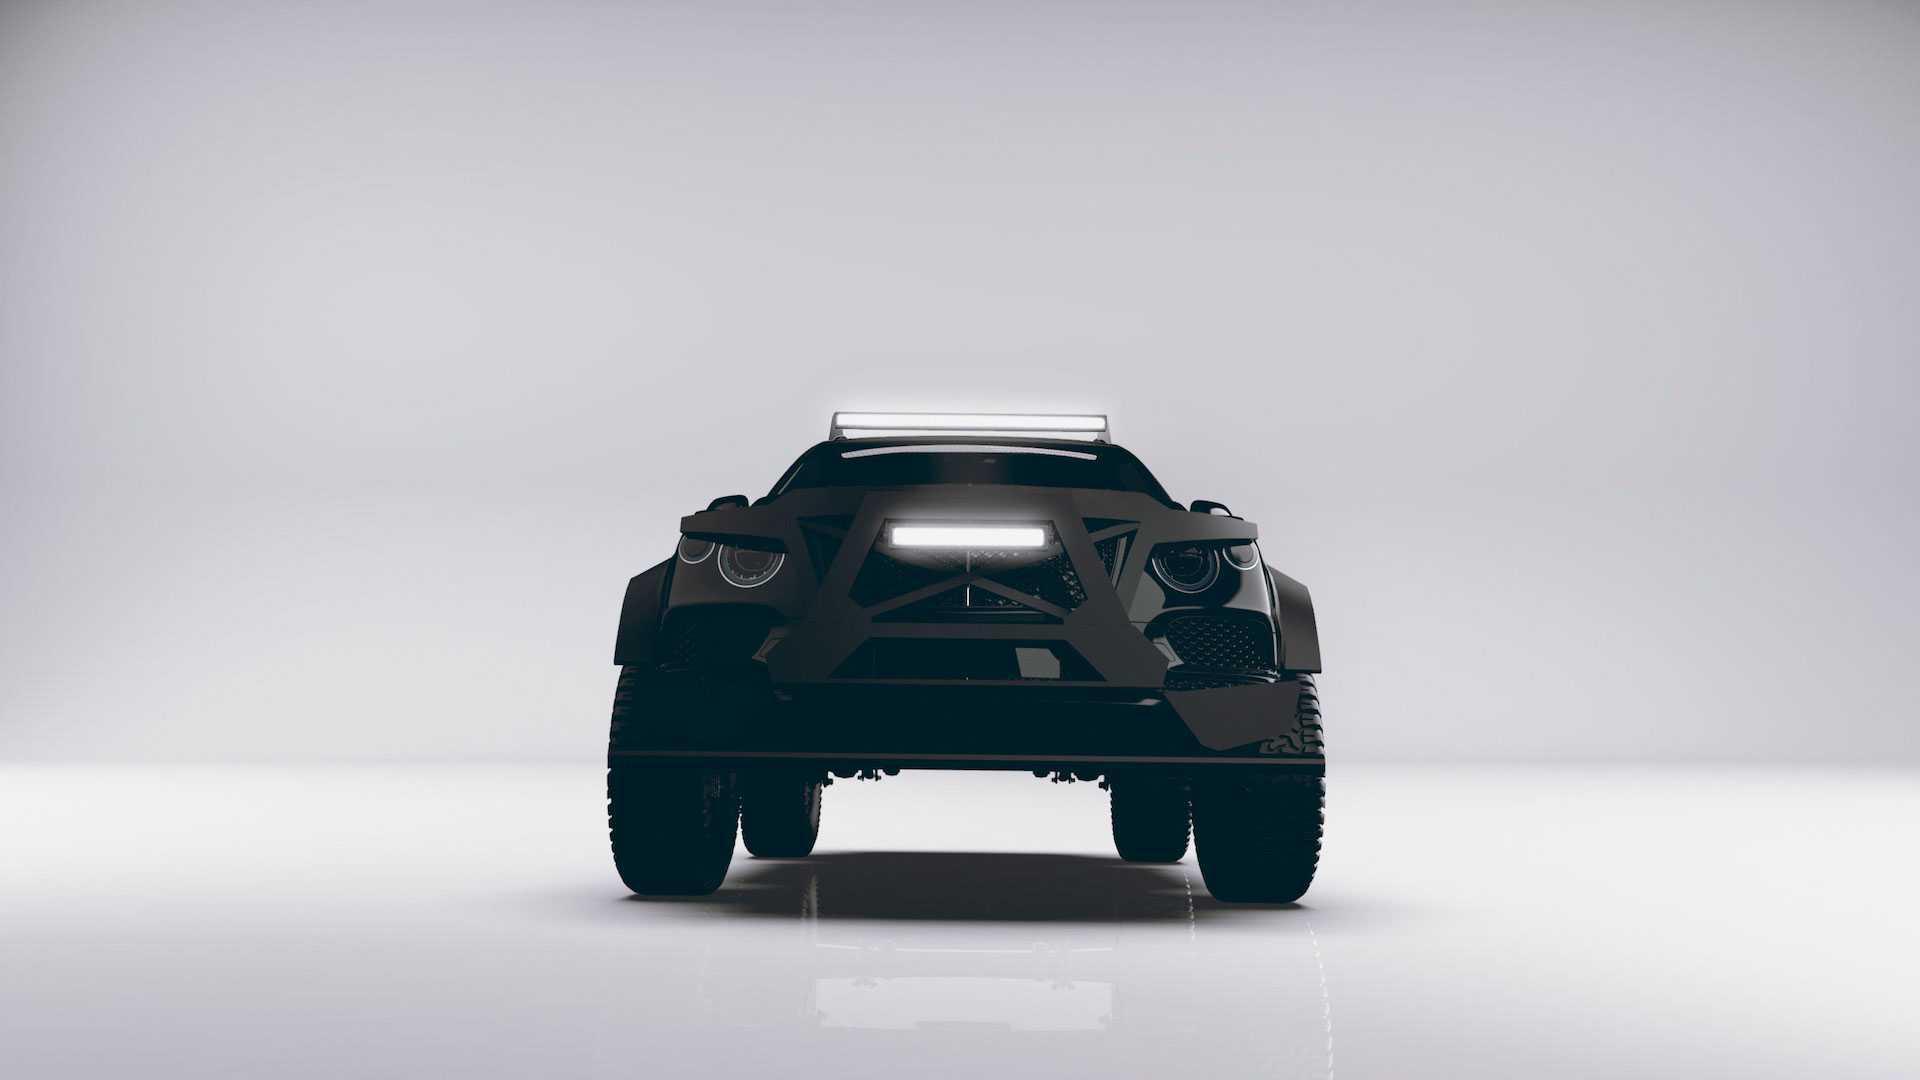 全球限量15辆,定制改装宾利豪华SUV,外形像坦克